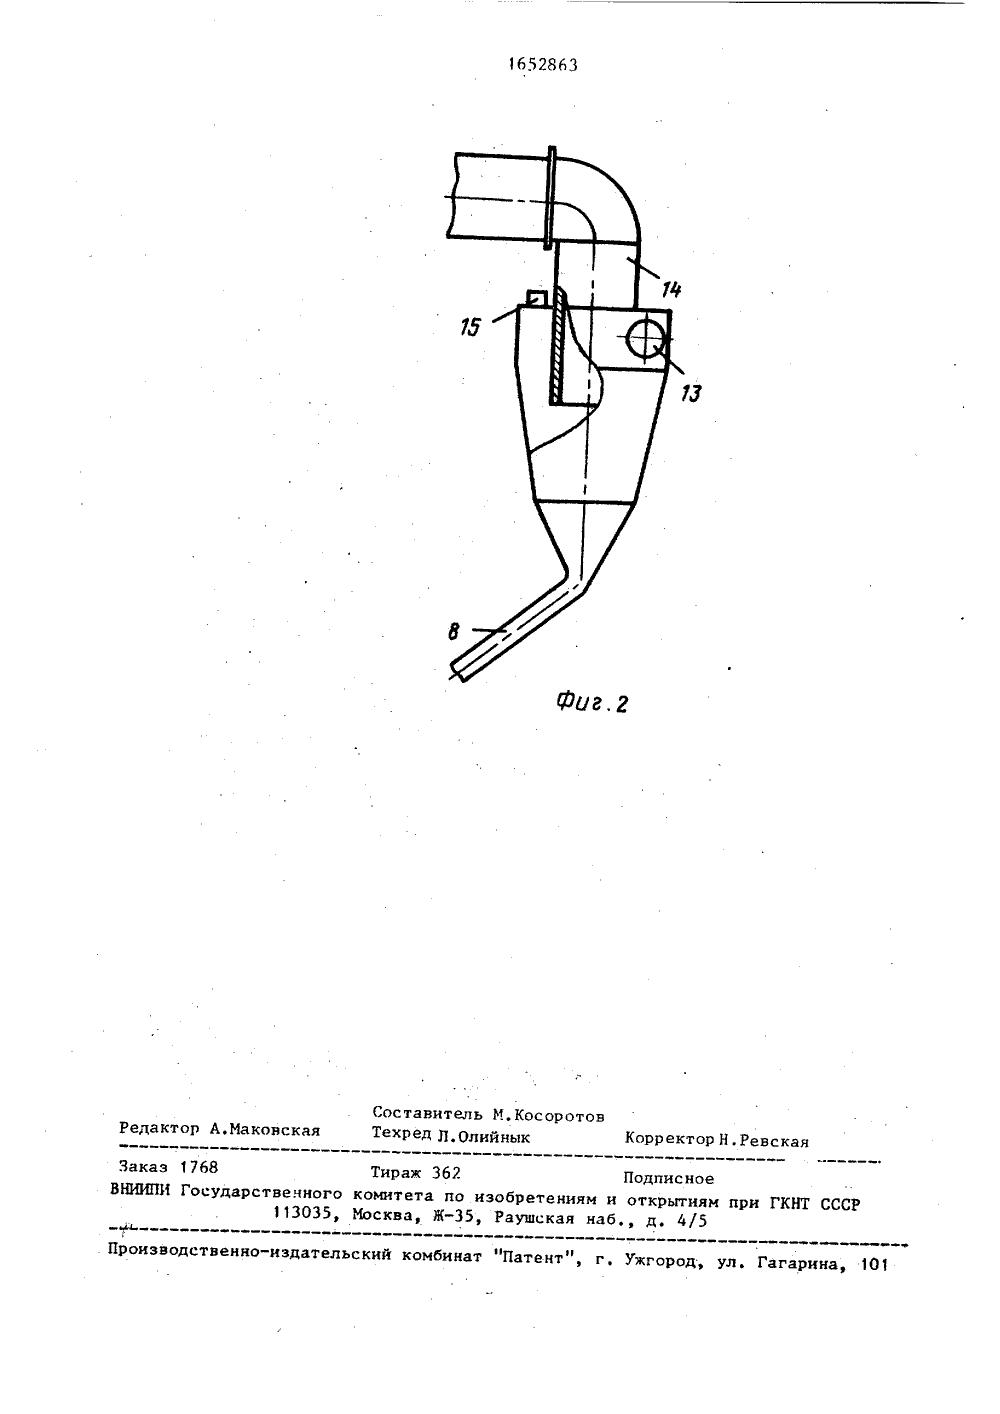 Стенд теплообменника Пластинчатый теплообменник ТПлР S11 IG.02. Железногорск